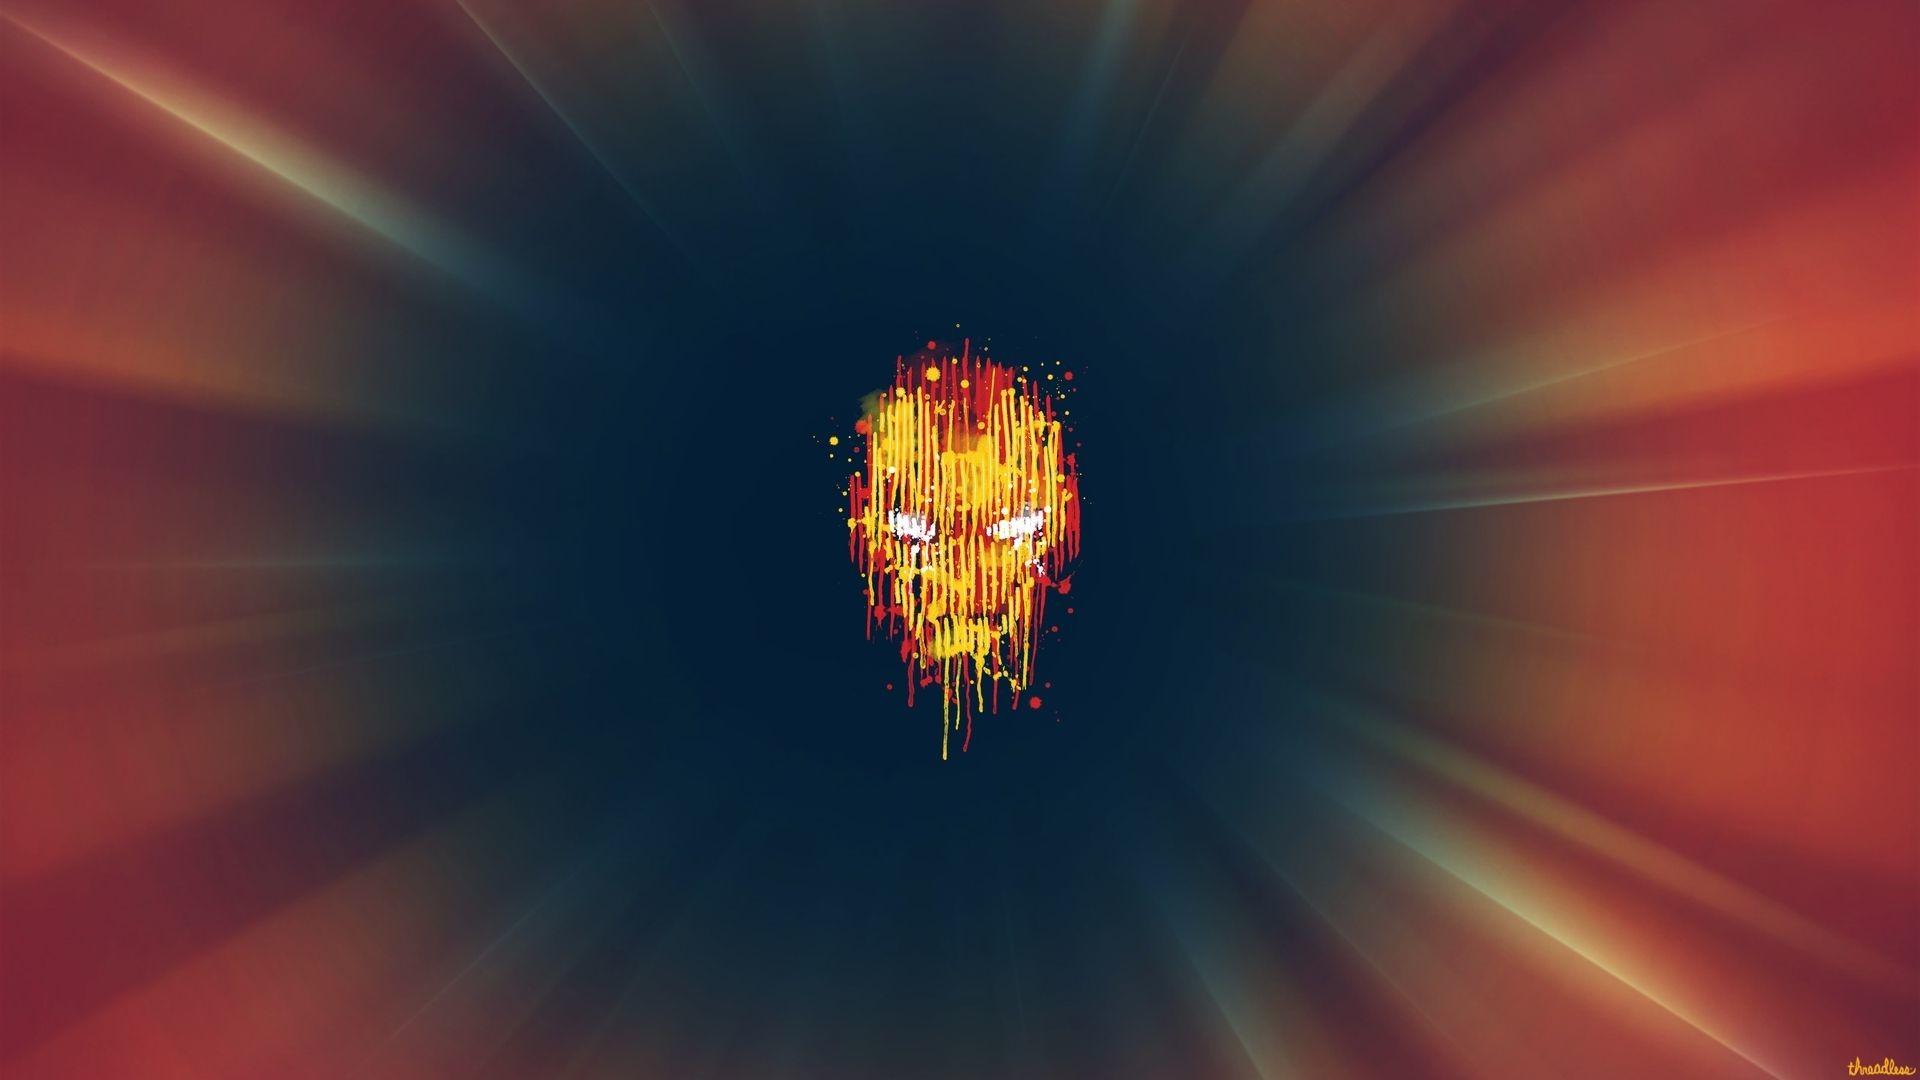 Download Free Iron Man Wallpapers 1920×1080